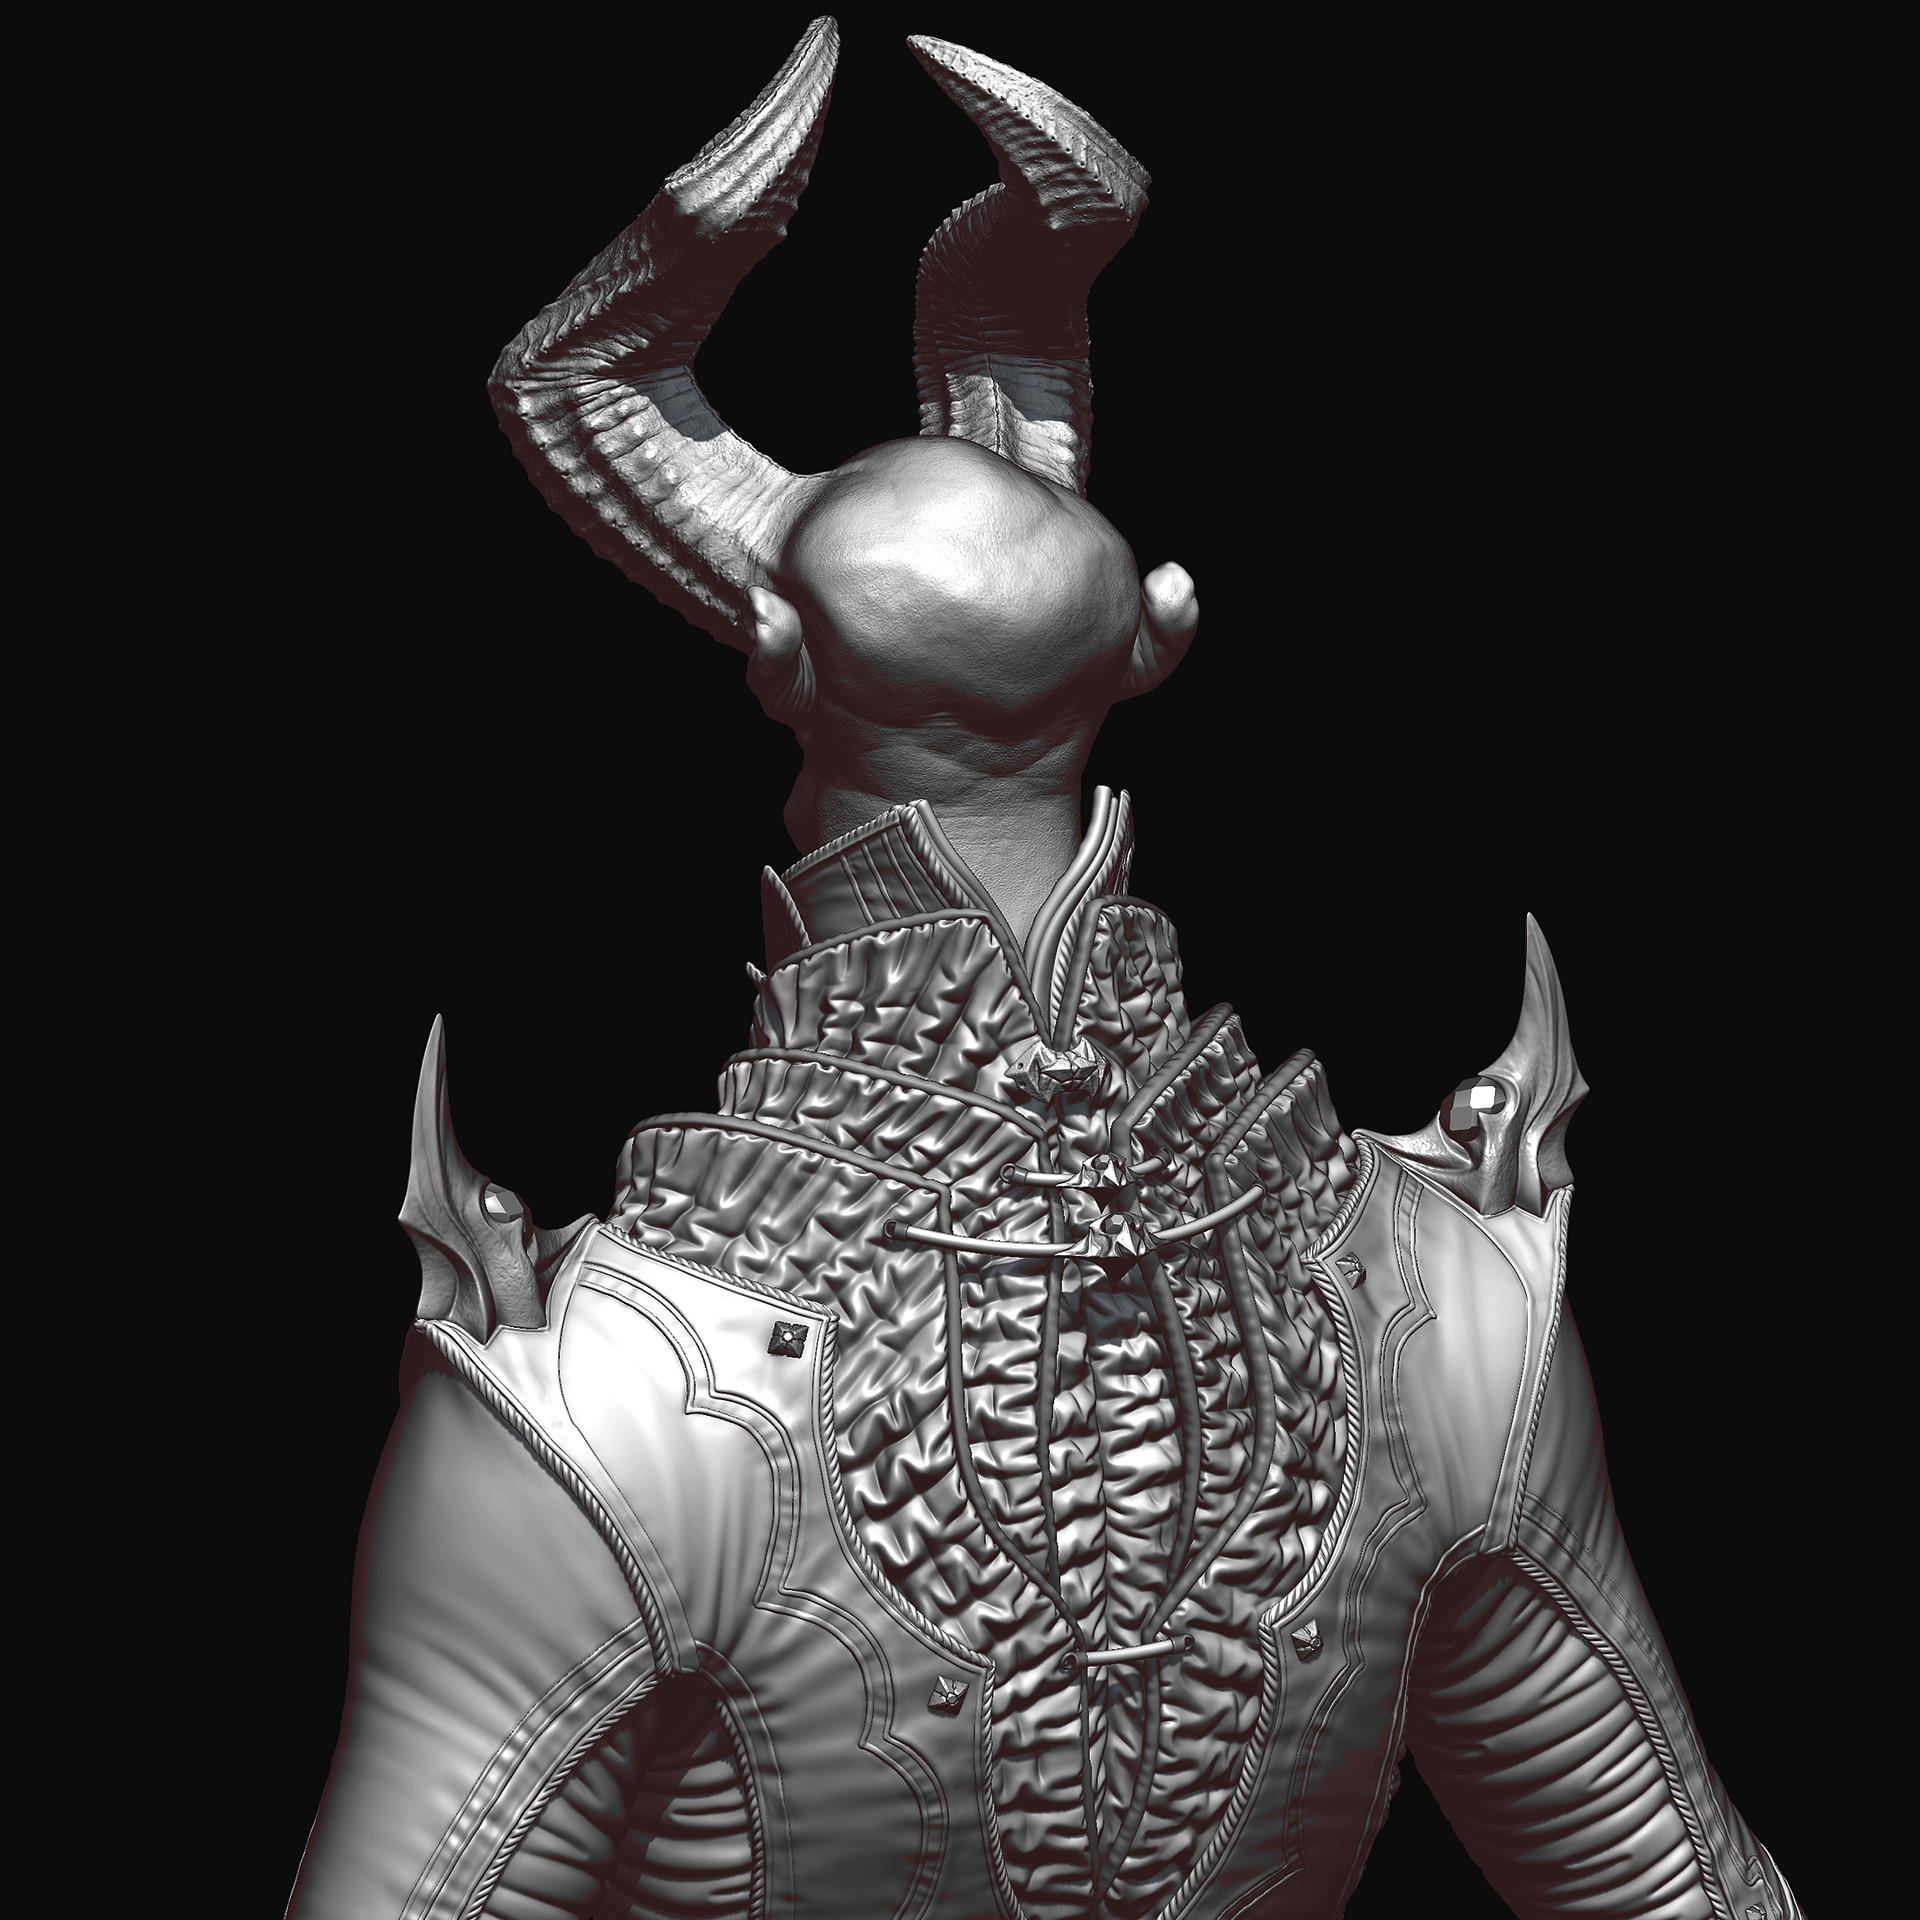 Mashru mishu beast hp07 02